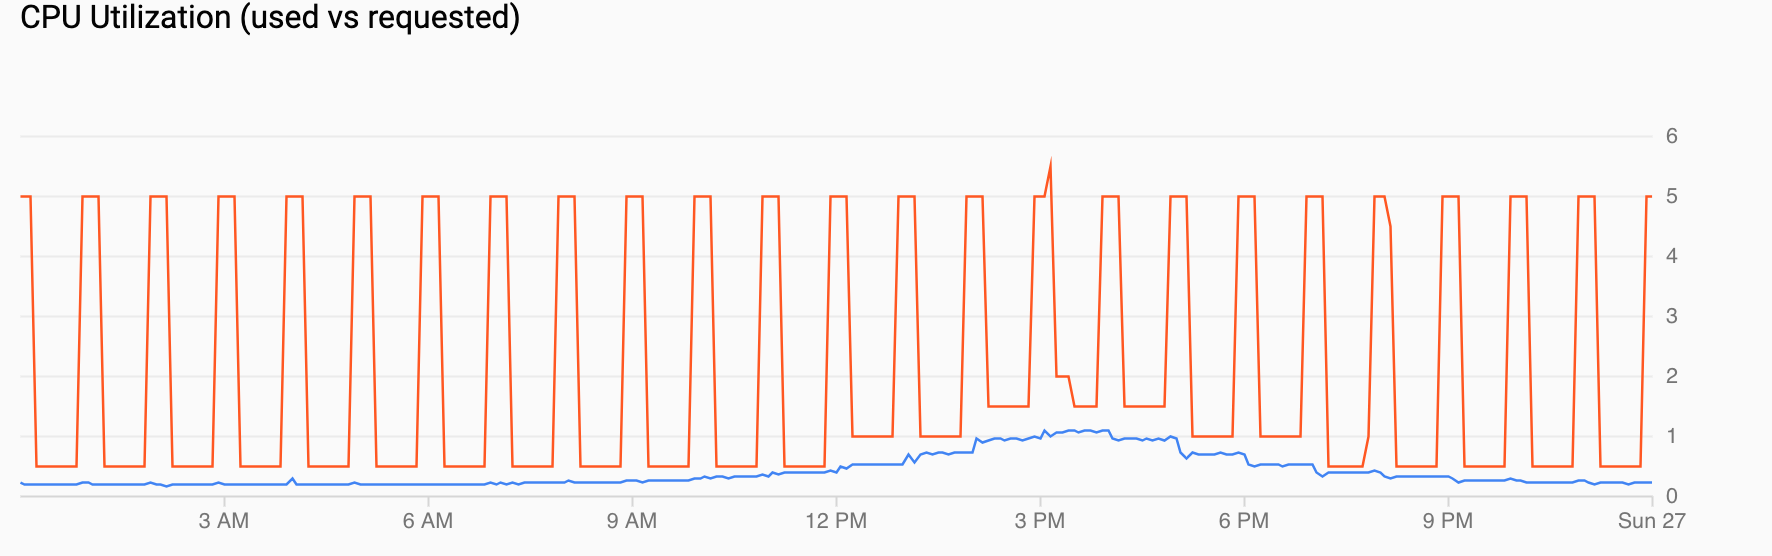 CPU 사용률의 그래프로, 일일 오후 4시까지 수요가 증가하고 그 후에는 하락함을 보여줍니다.